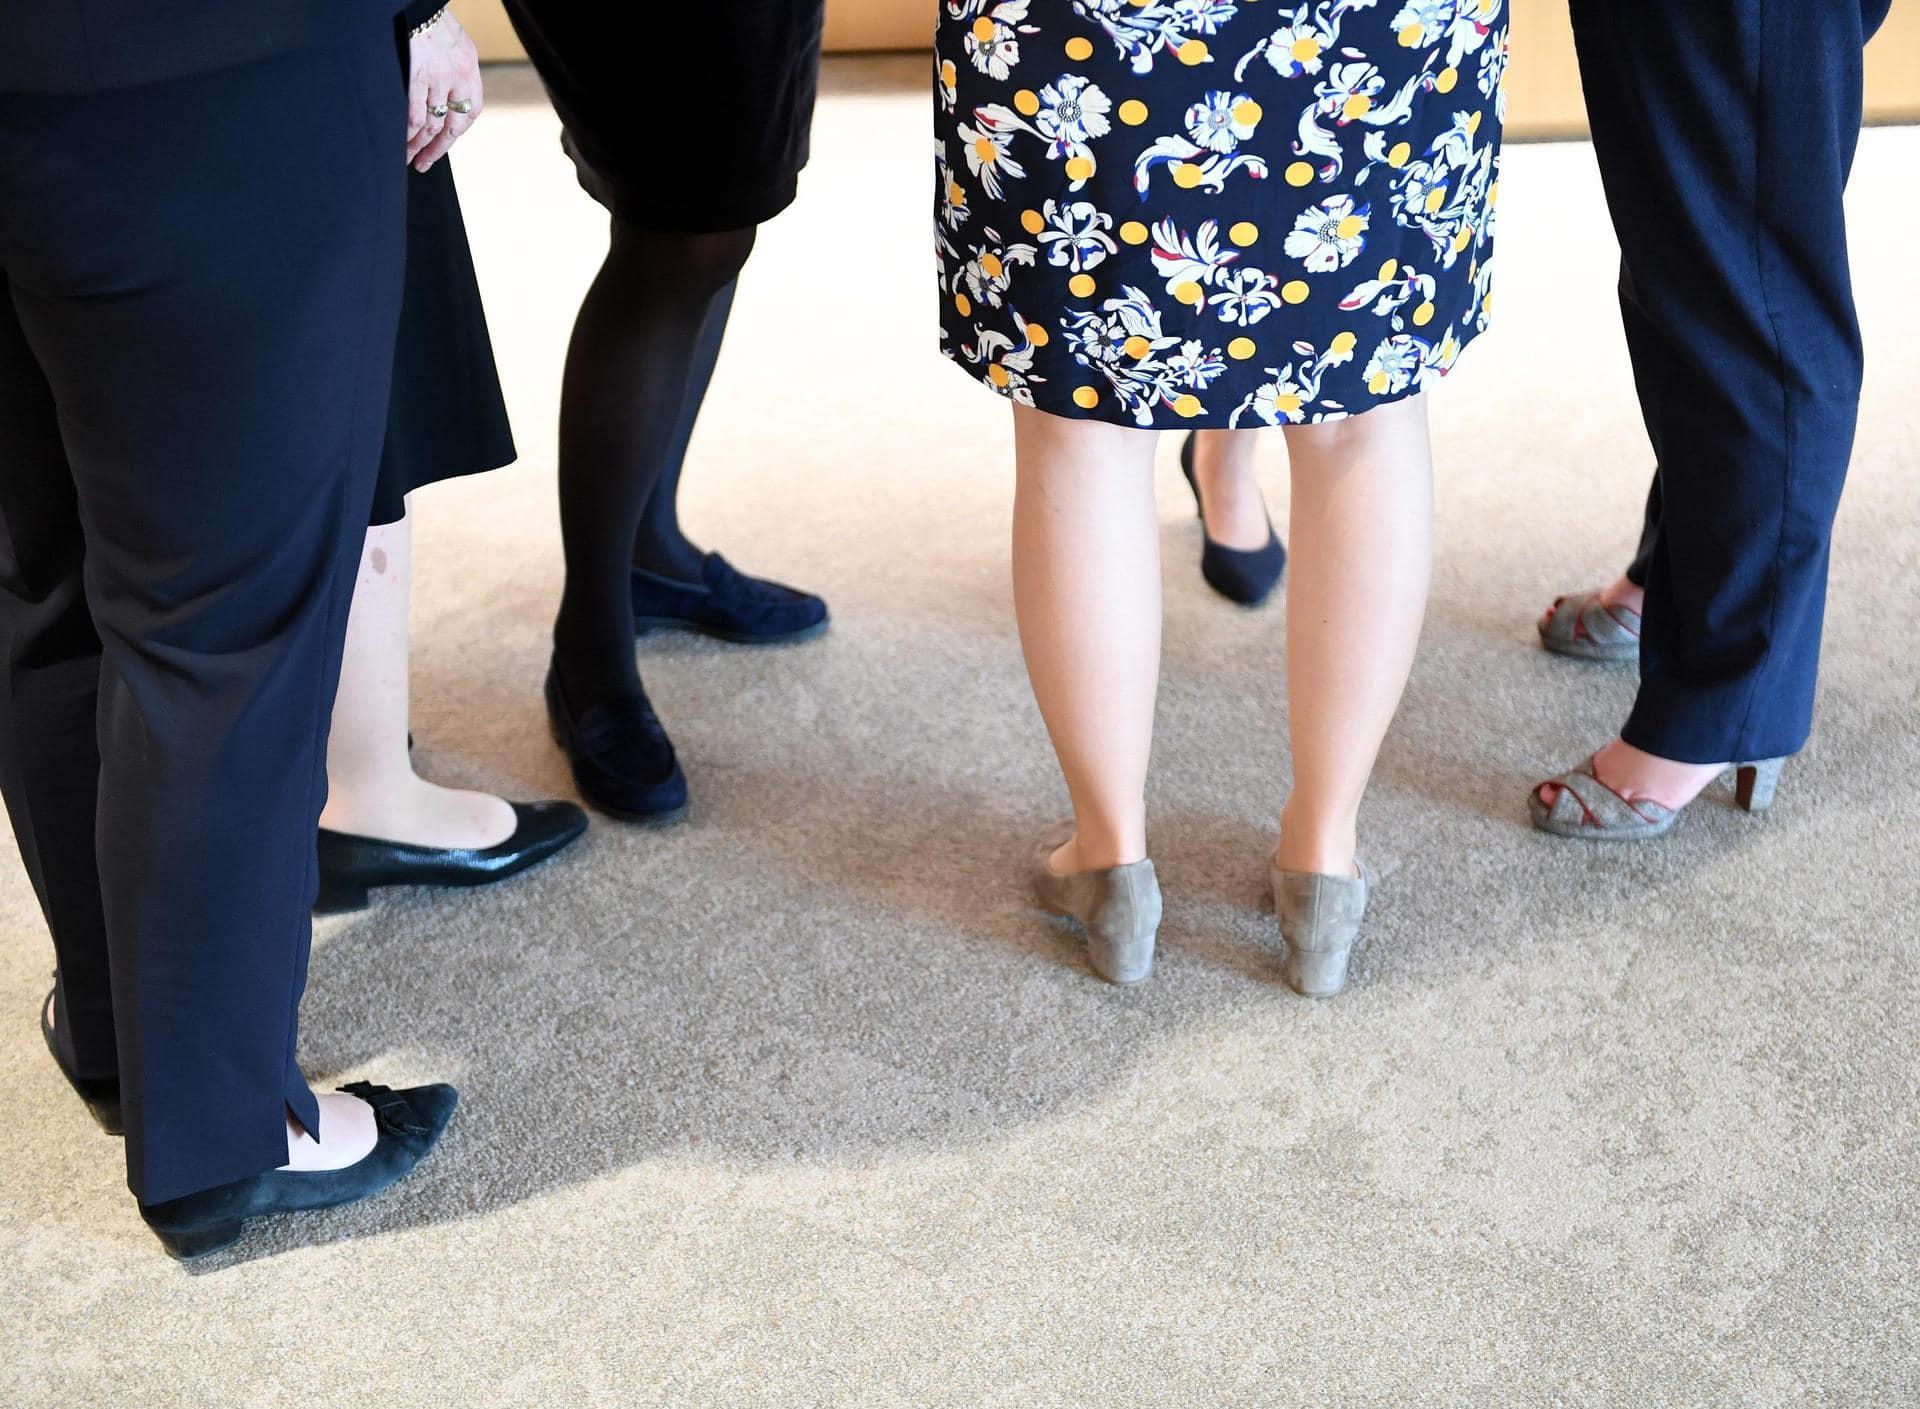 DGB begrüßt Beratungen über Frauenquote Mehr Gleichberechtigung